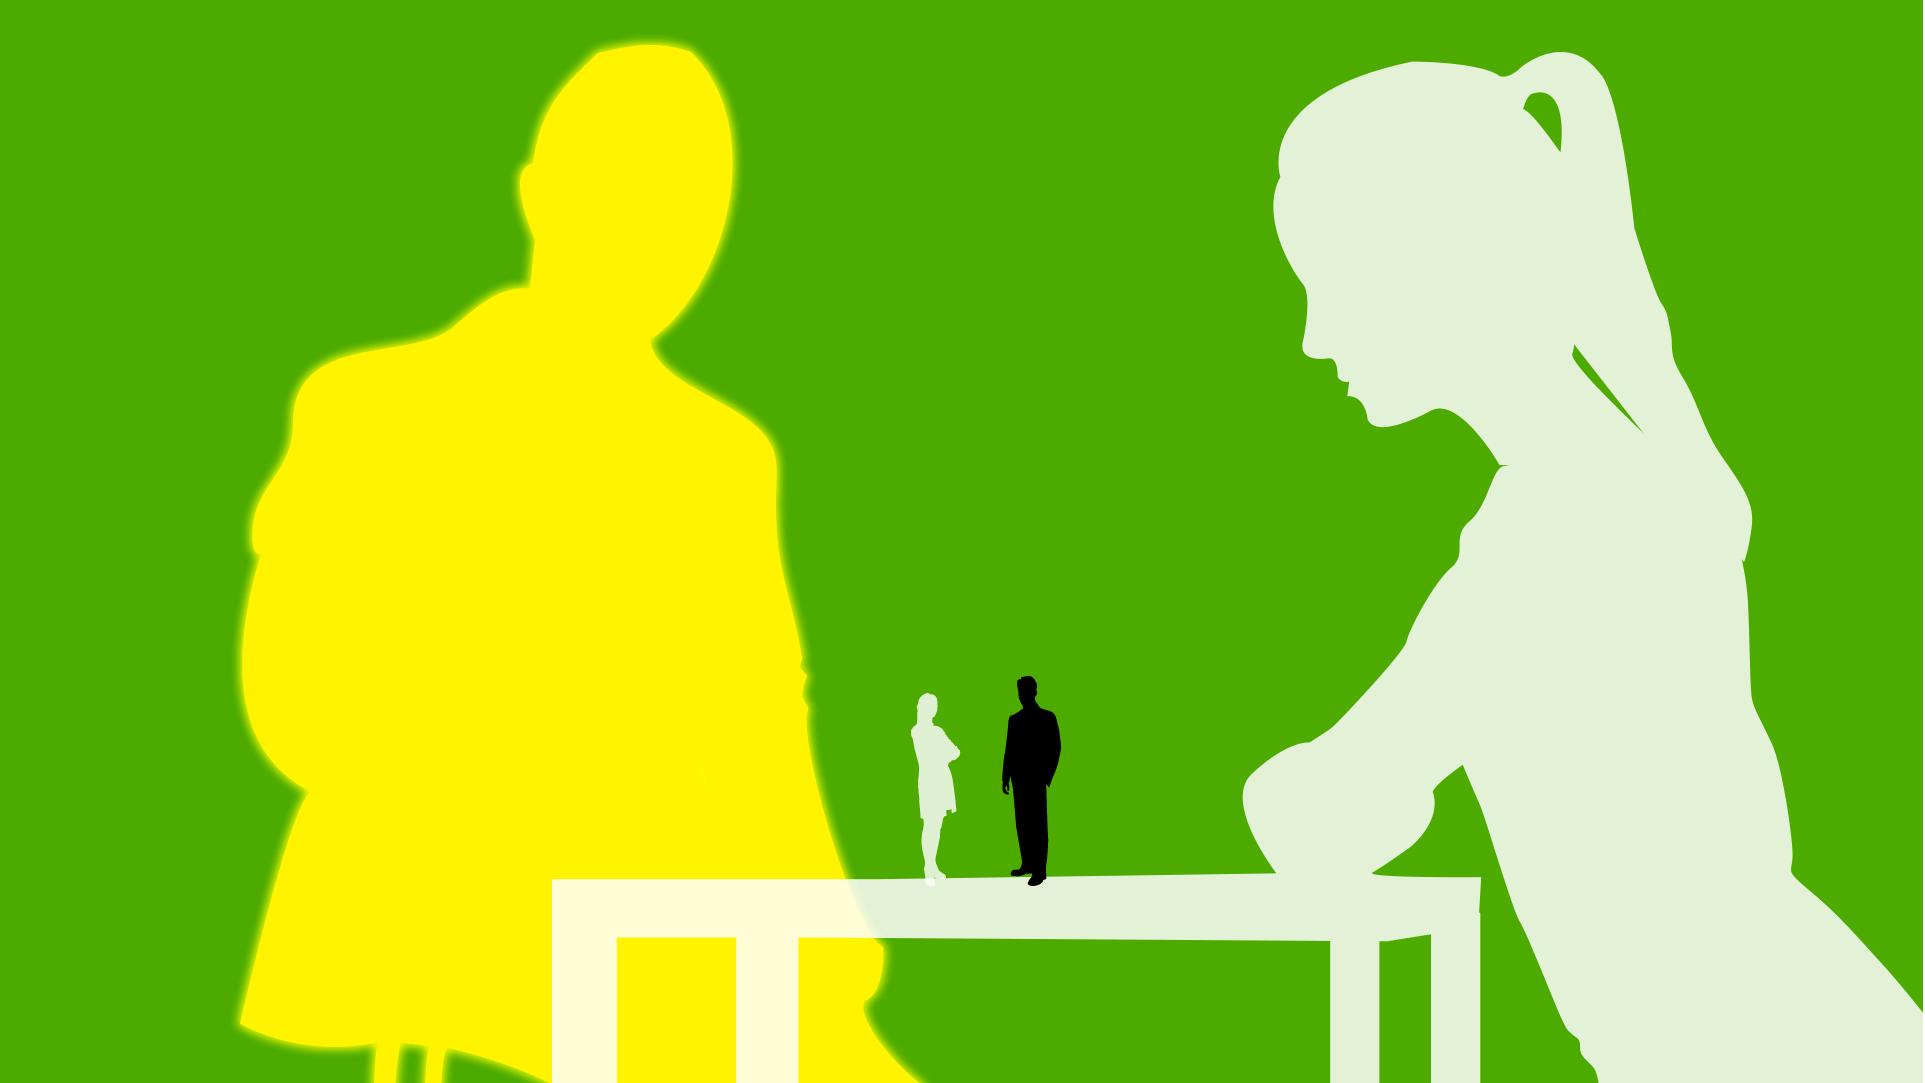 20:00 - 21:00 Индивидуальная системная расстановка или консультация